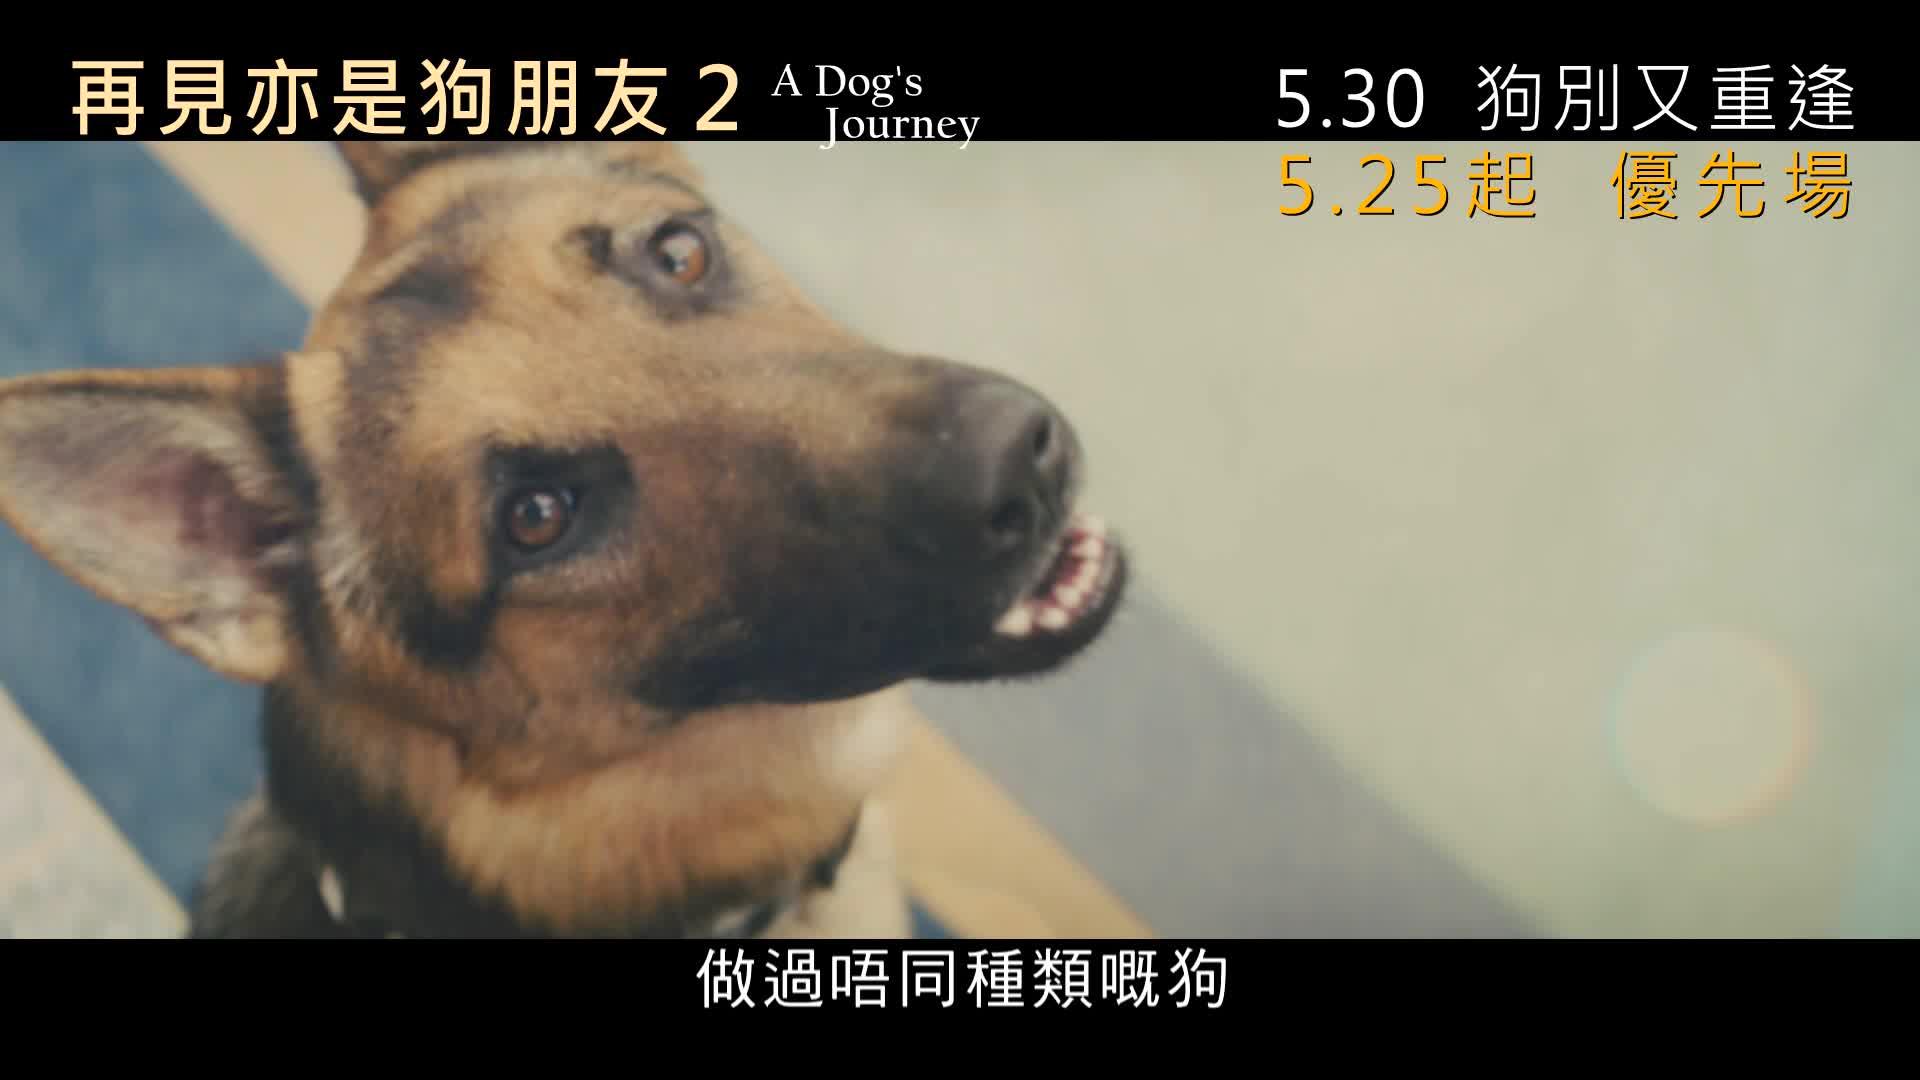 《再見亦是狗朋友2》電影預告